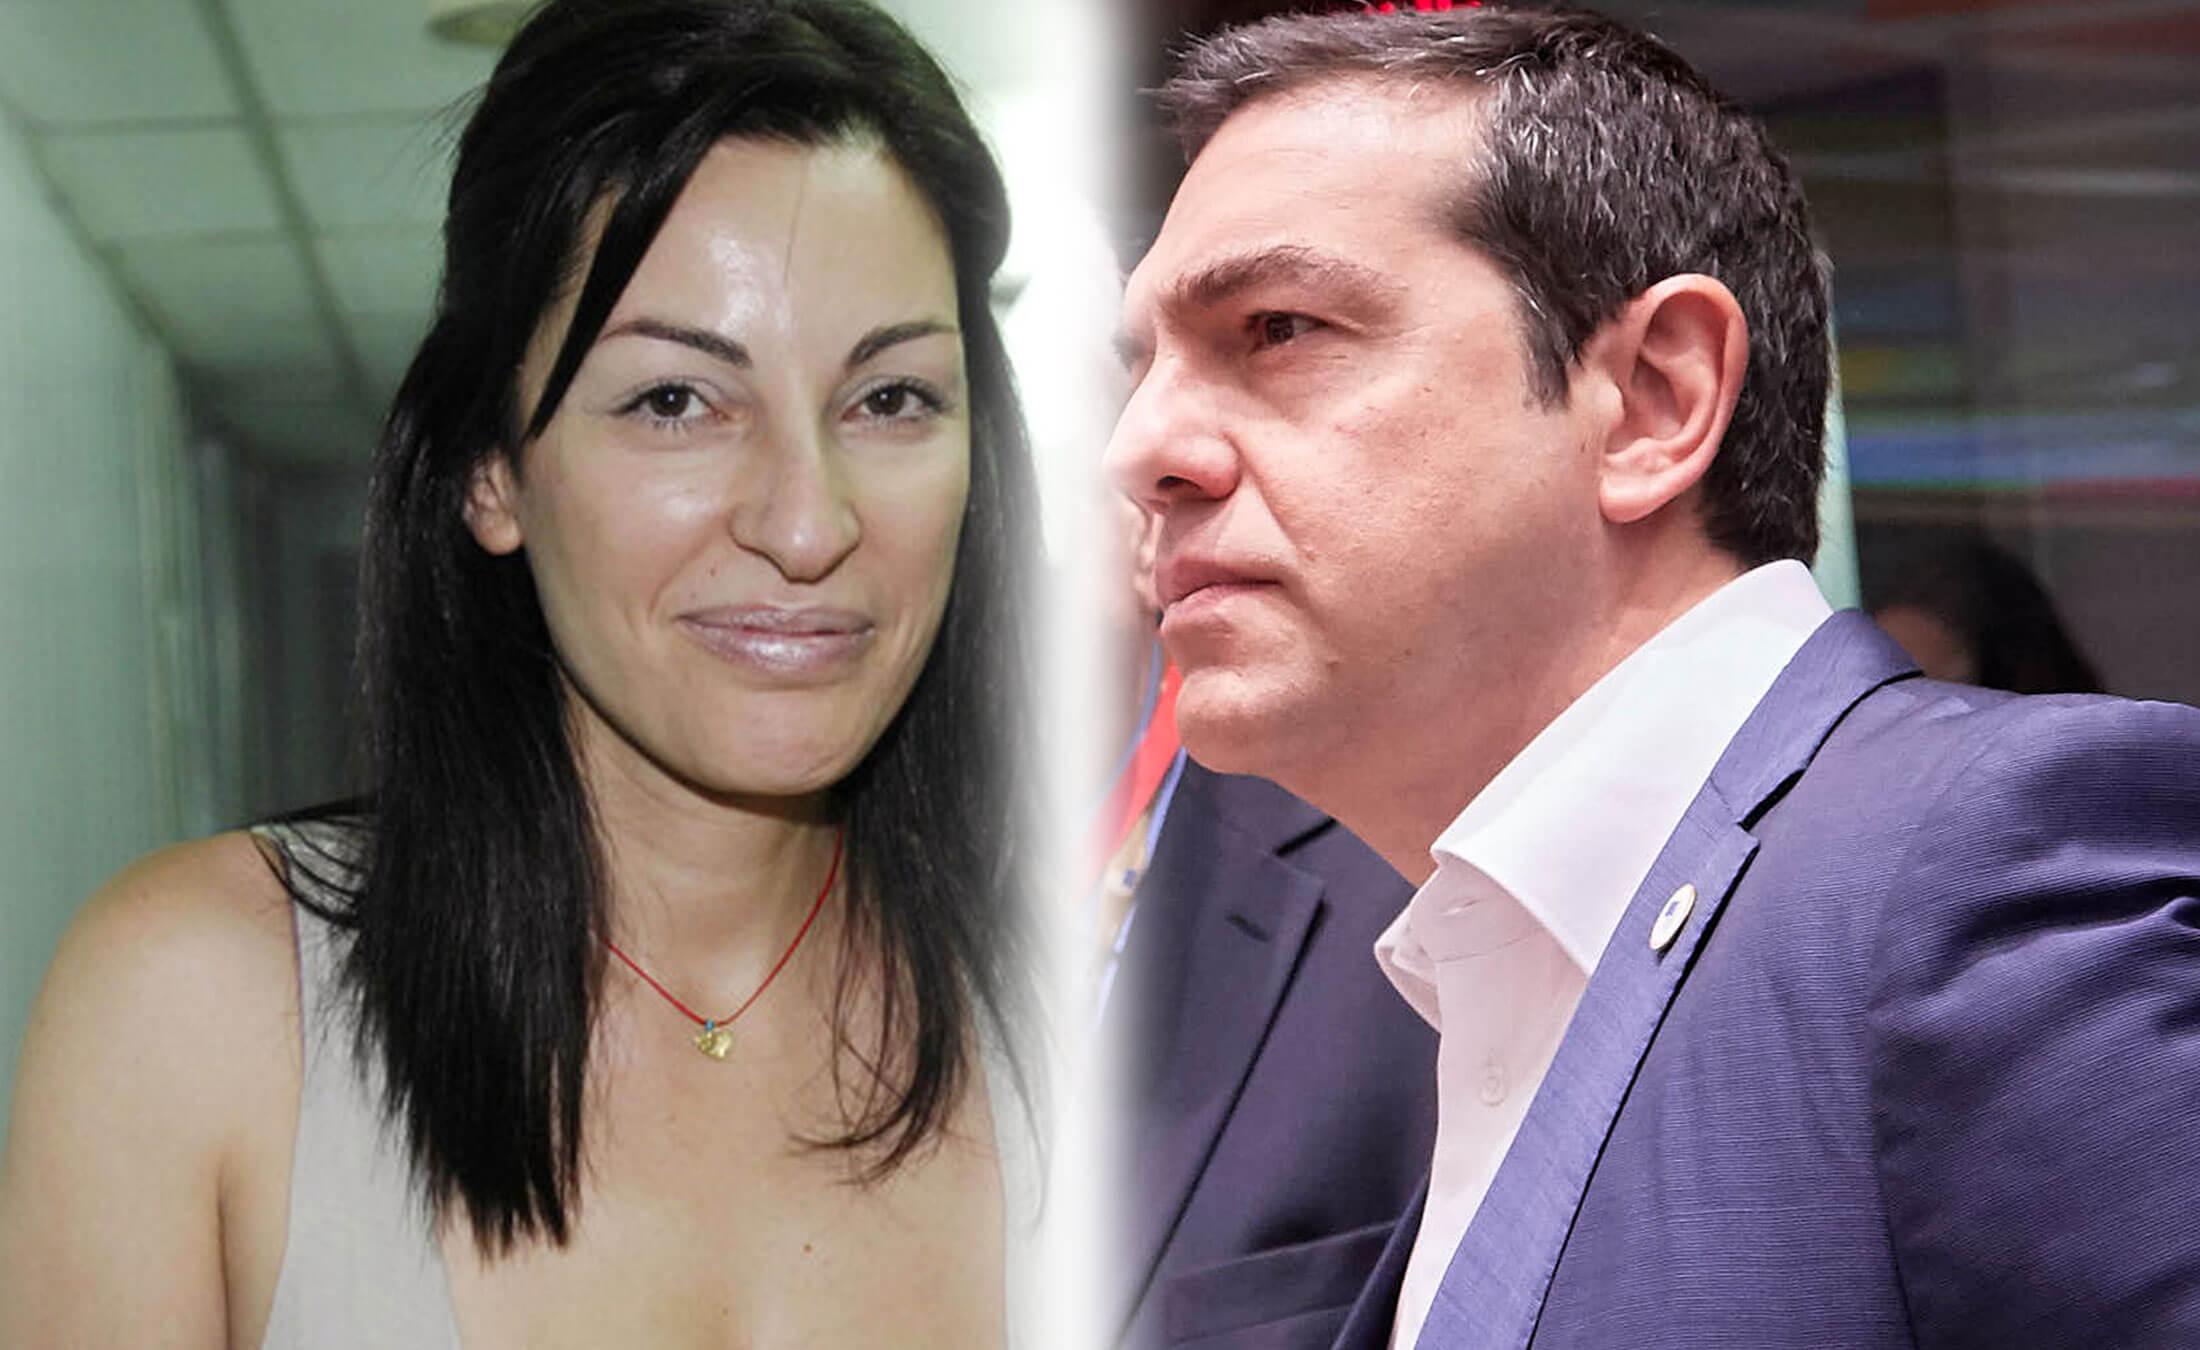 Δεκτή από κυβέρνηση και ΣΥΡΙΖΑ η παραίτηση της υποψήφιας ευρωβουλευτή Μυρσίνης Λοΐζου - Όλο το παρασκήνιο